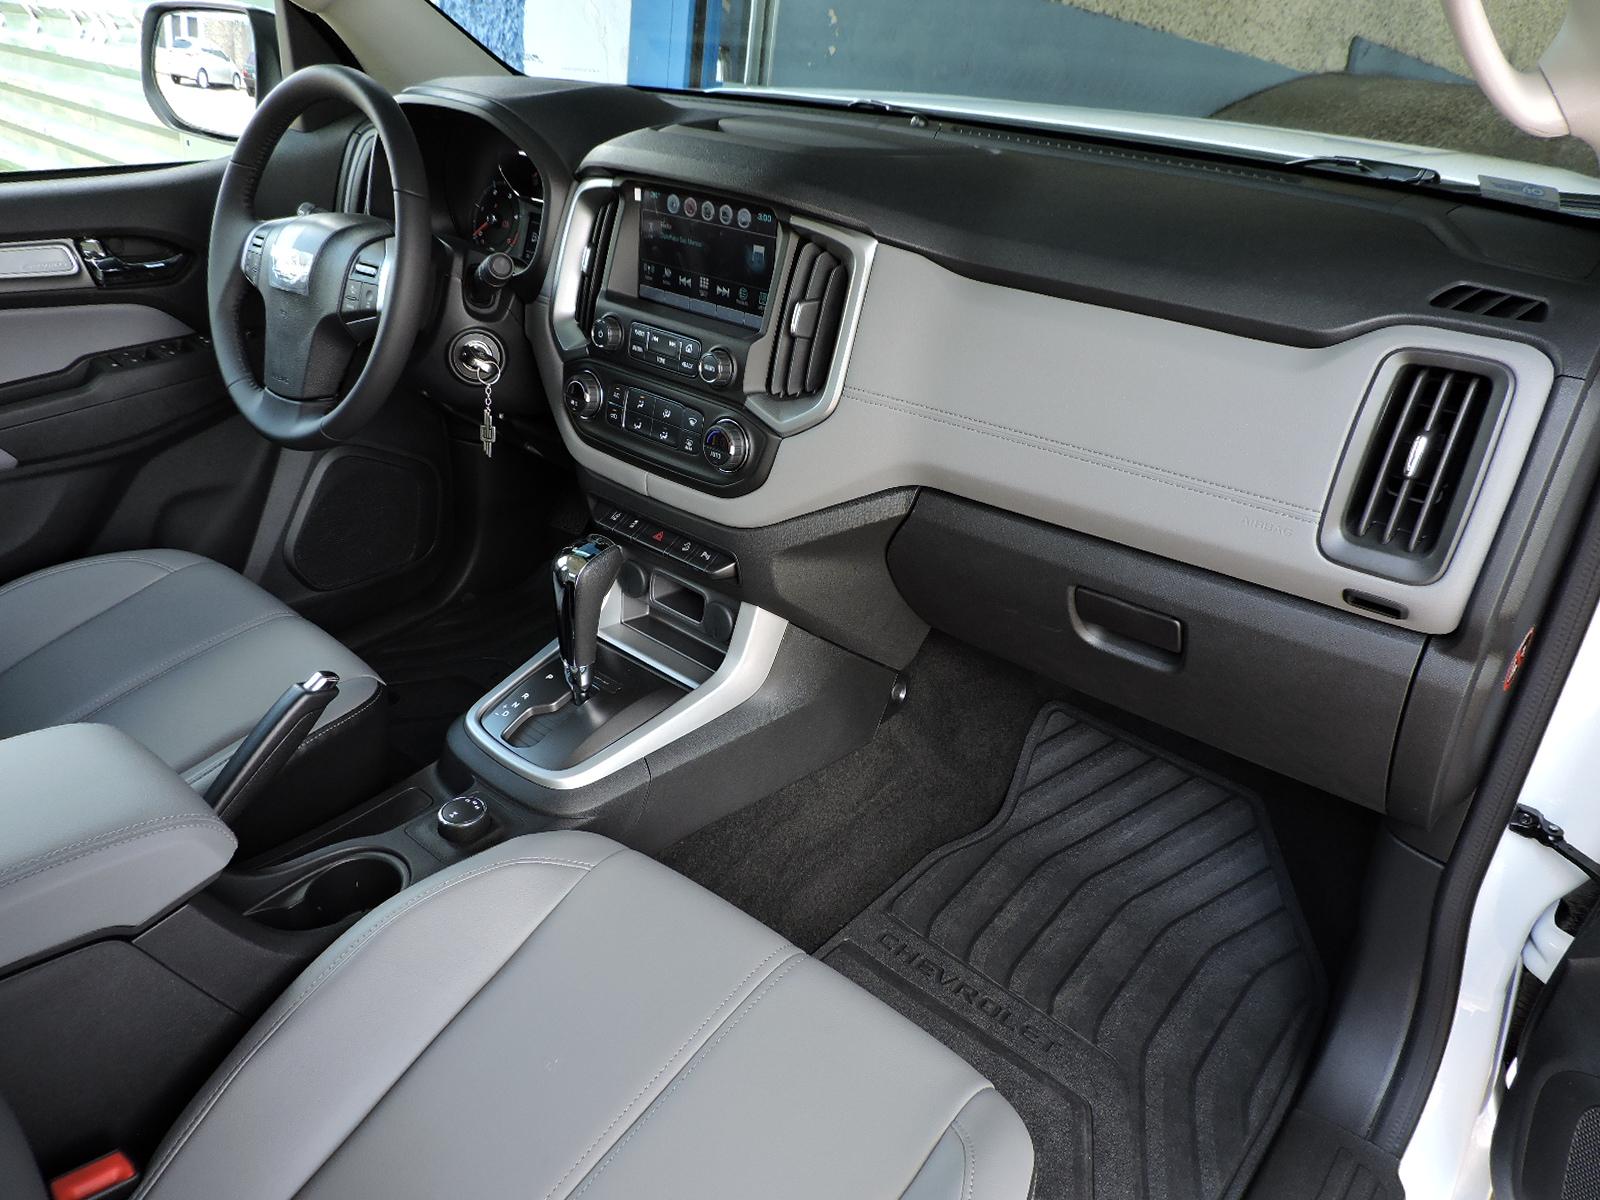 s10 ltz 4x4 turbo diesel autom u00c1tica  u2013 2019  u2013 0 km